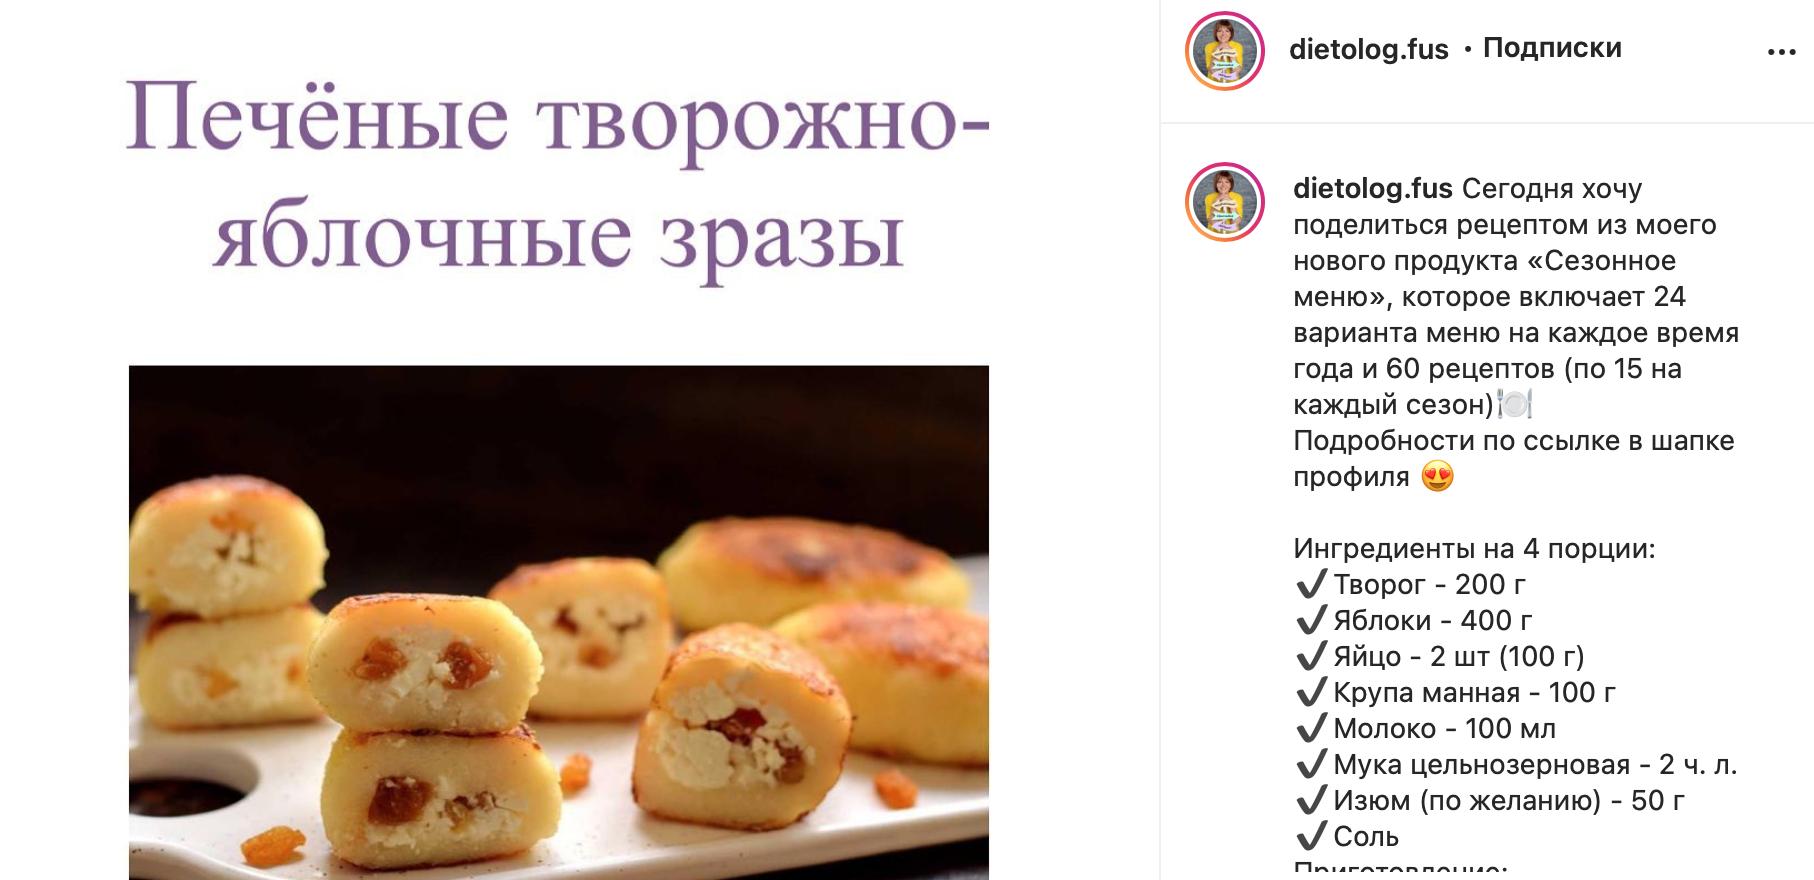 Рецепт печених сирних зразів